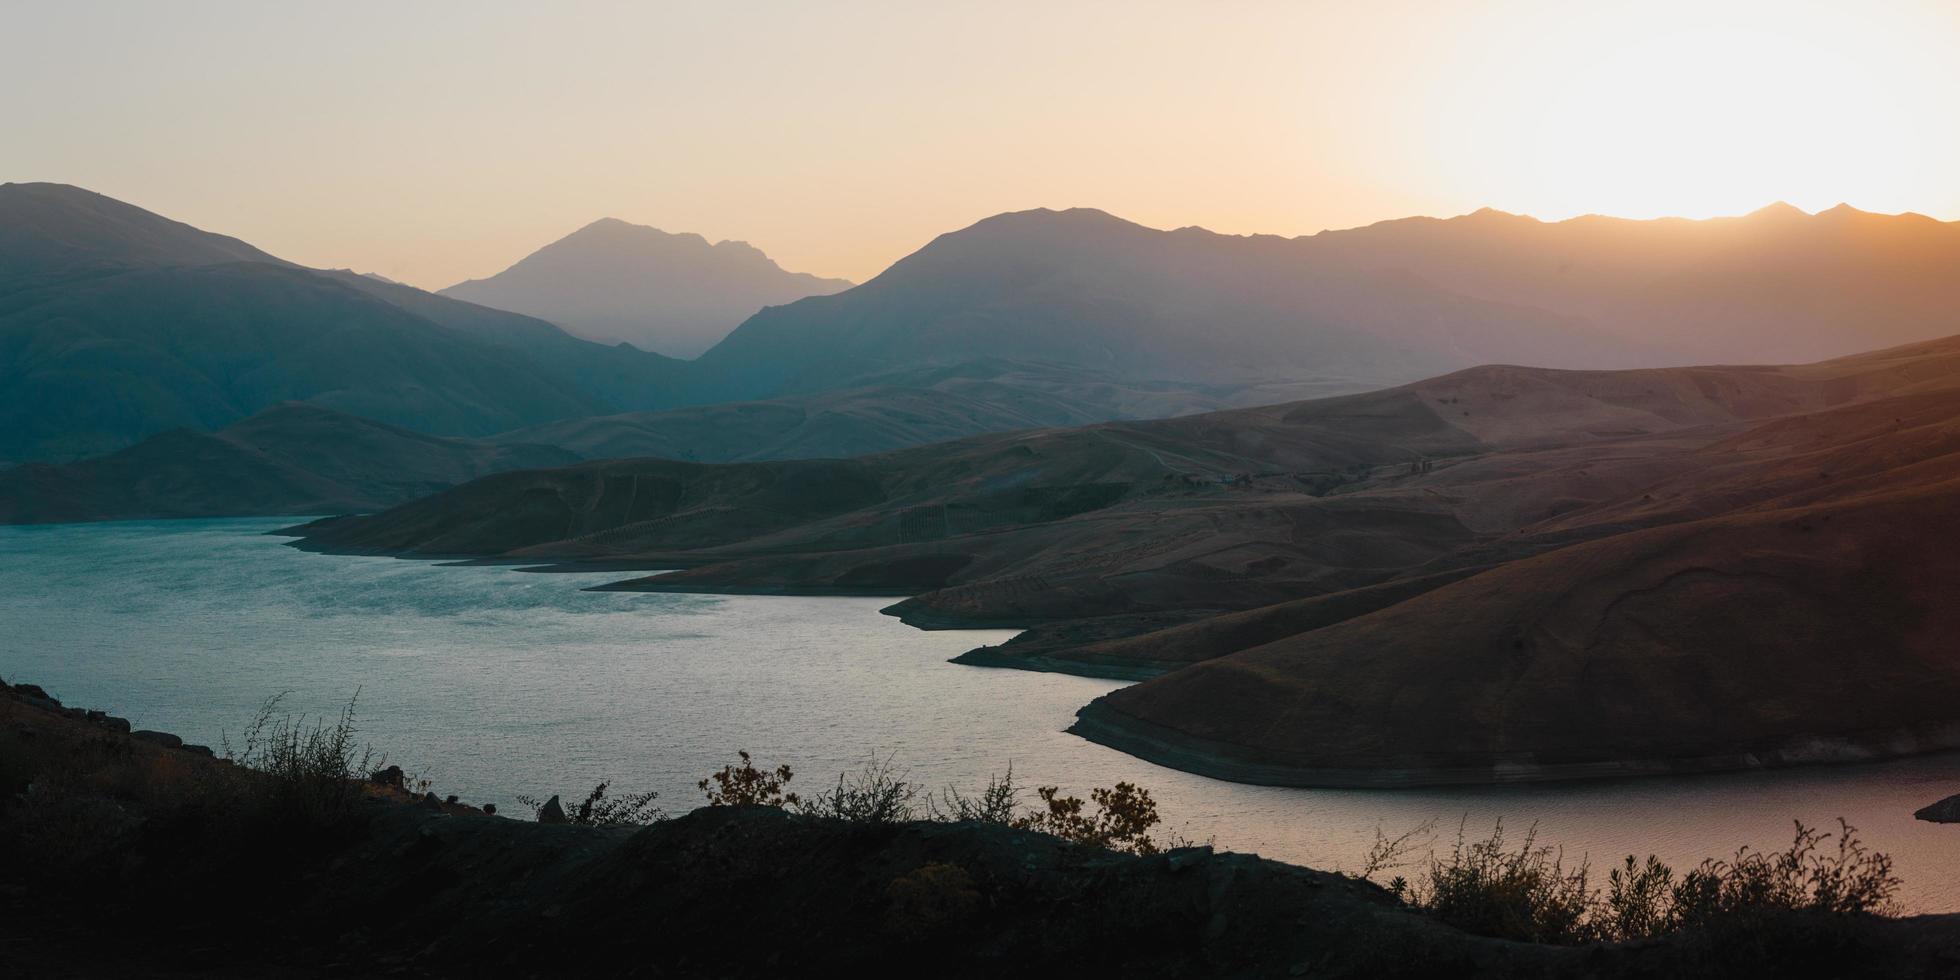 puesta de sol sobre montañas y un lago foto